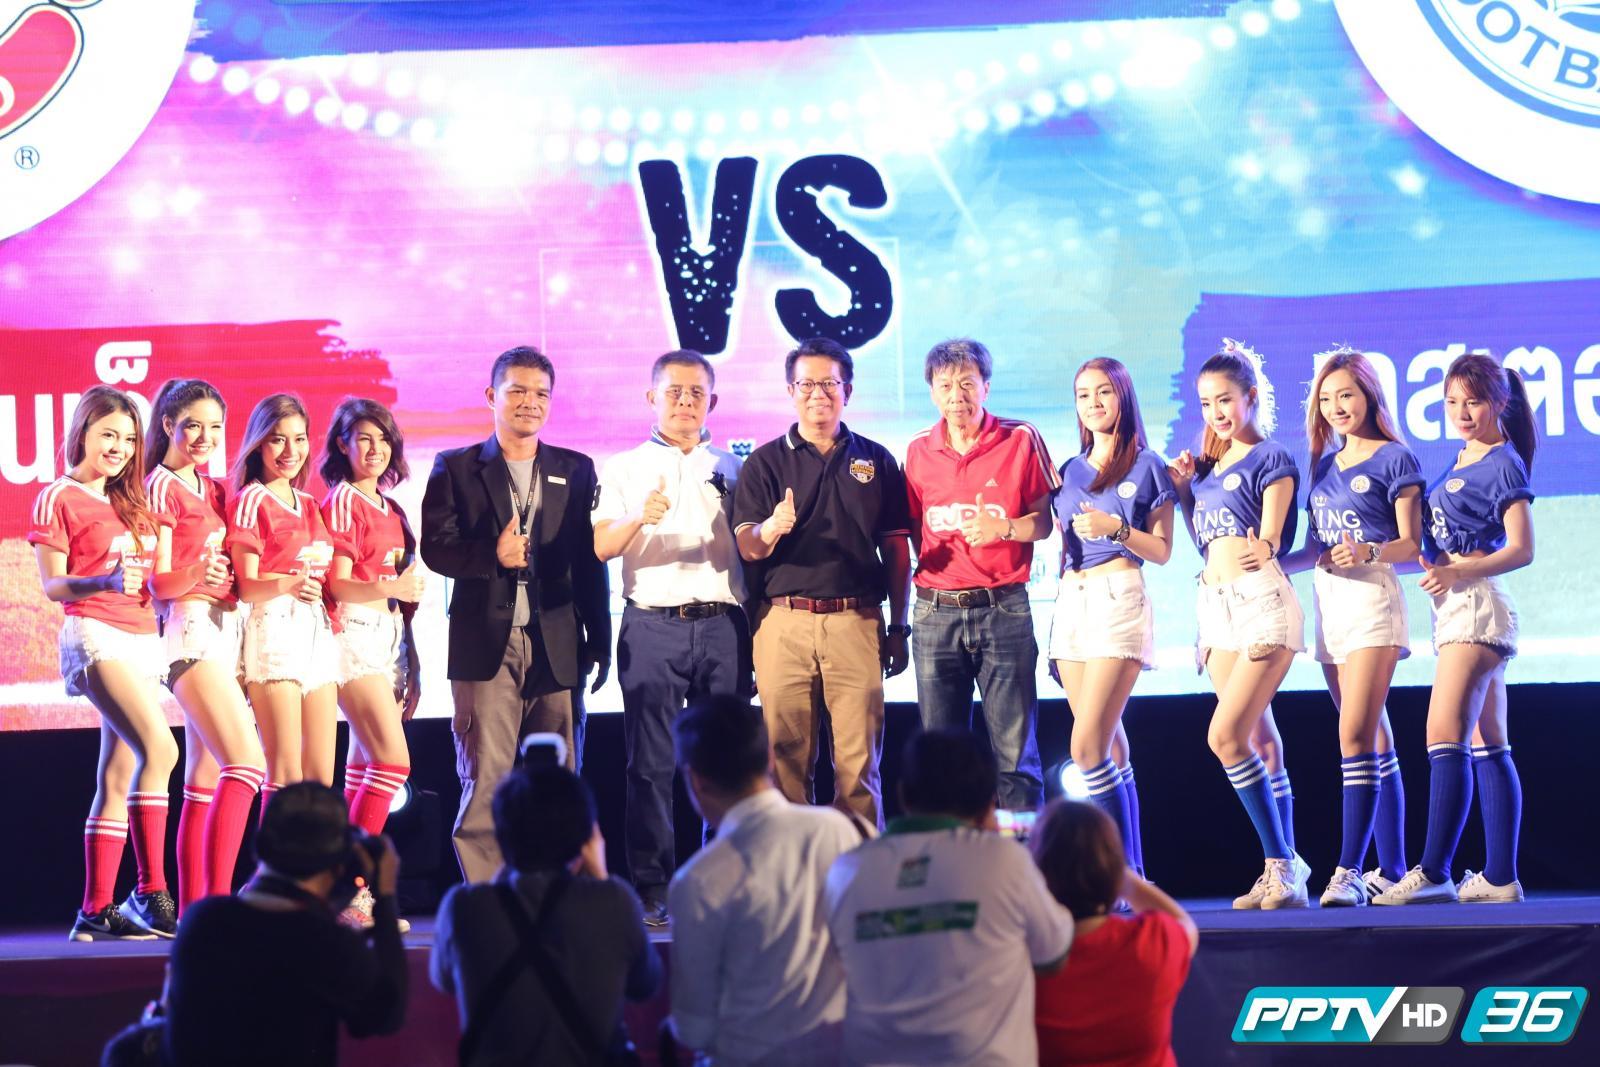 ถูกใจคอบอล 'เชียร์ร่วมกัน มันส์เต็มจอ' PPTV HD ช่อง 36 จัดให้!